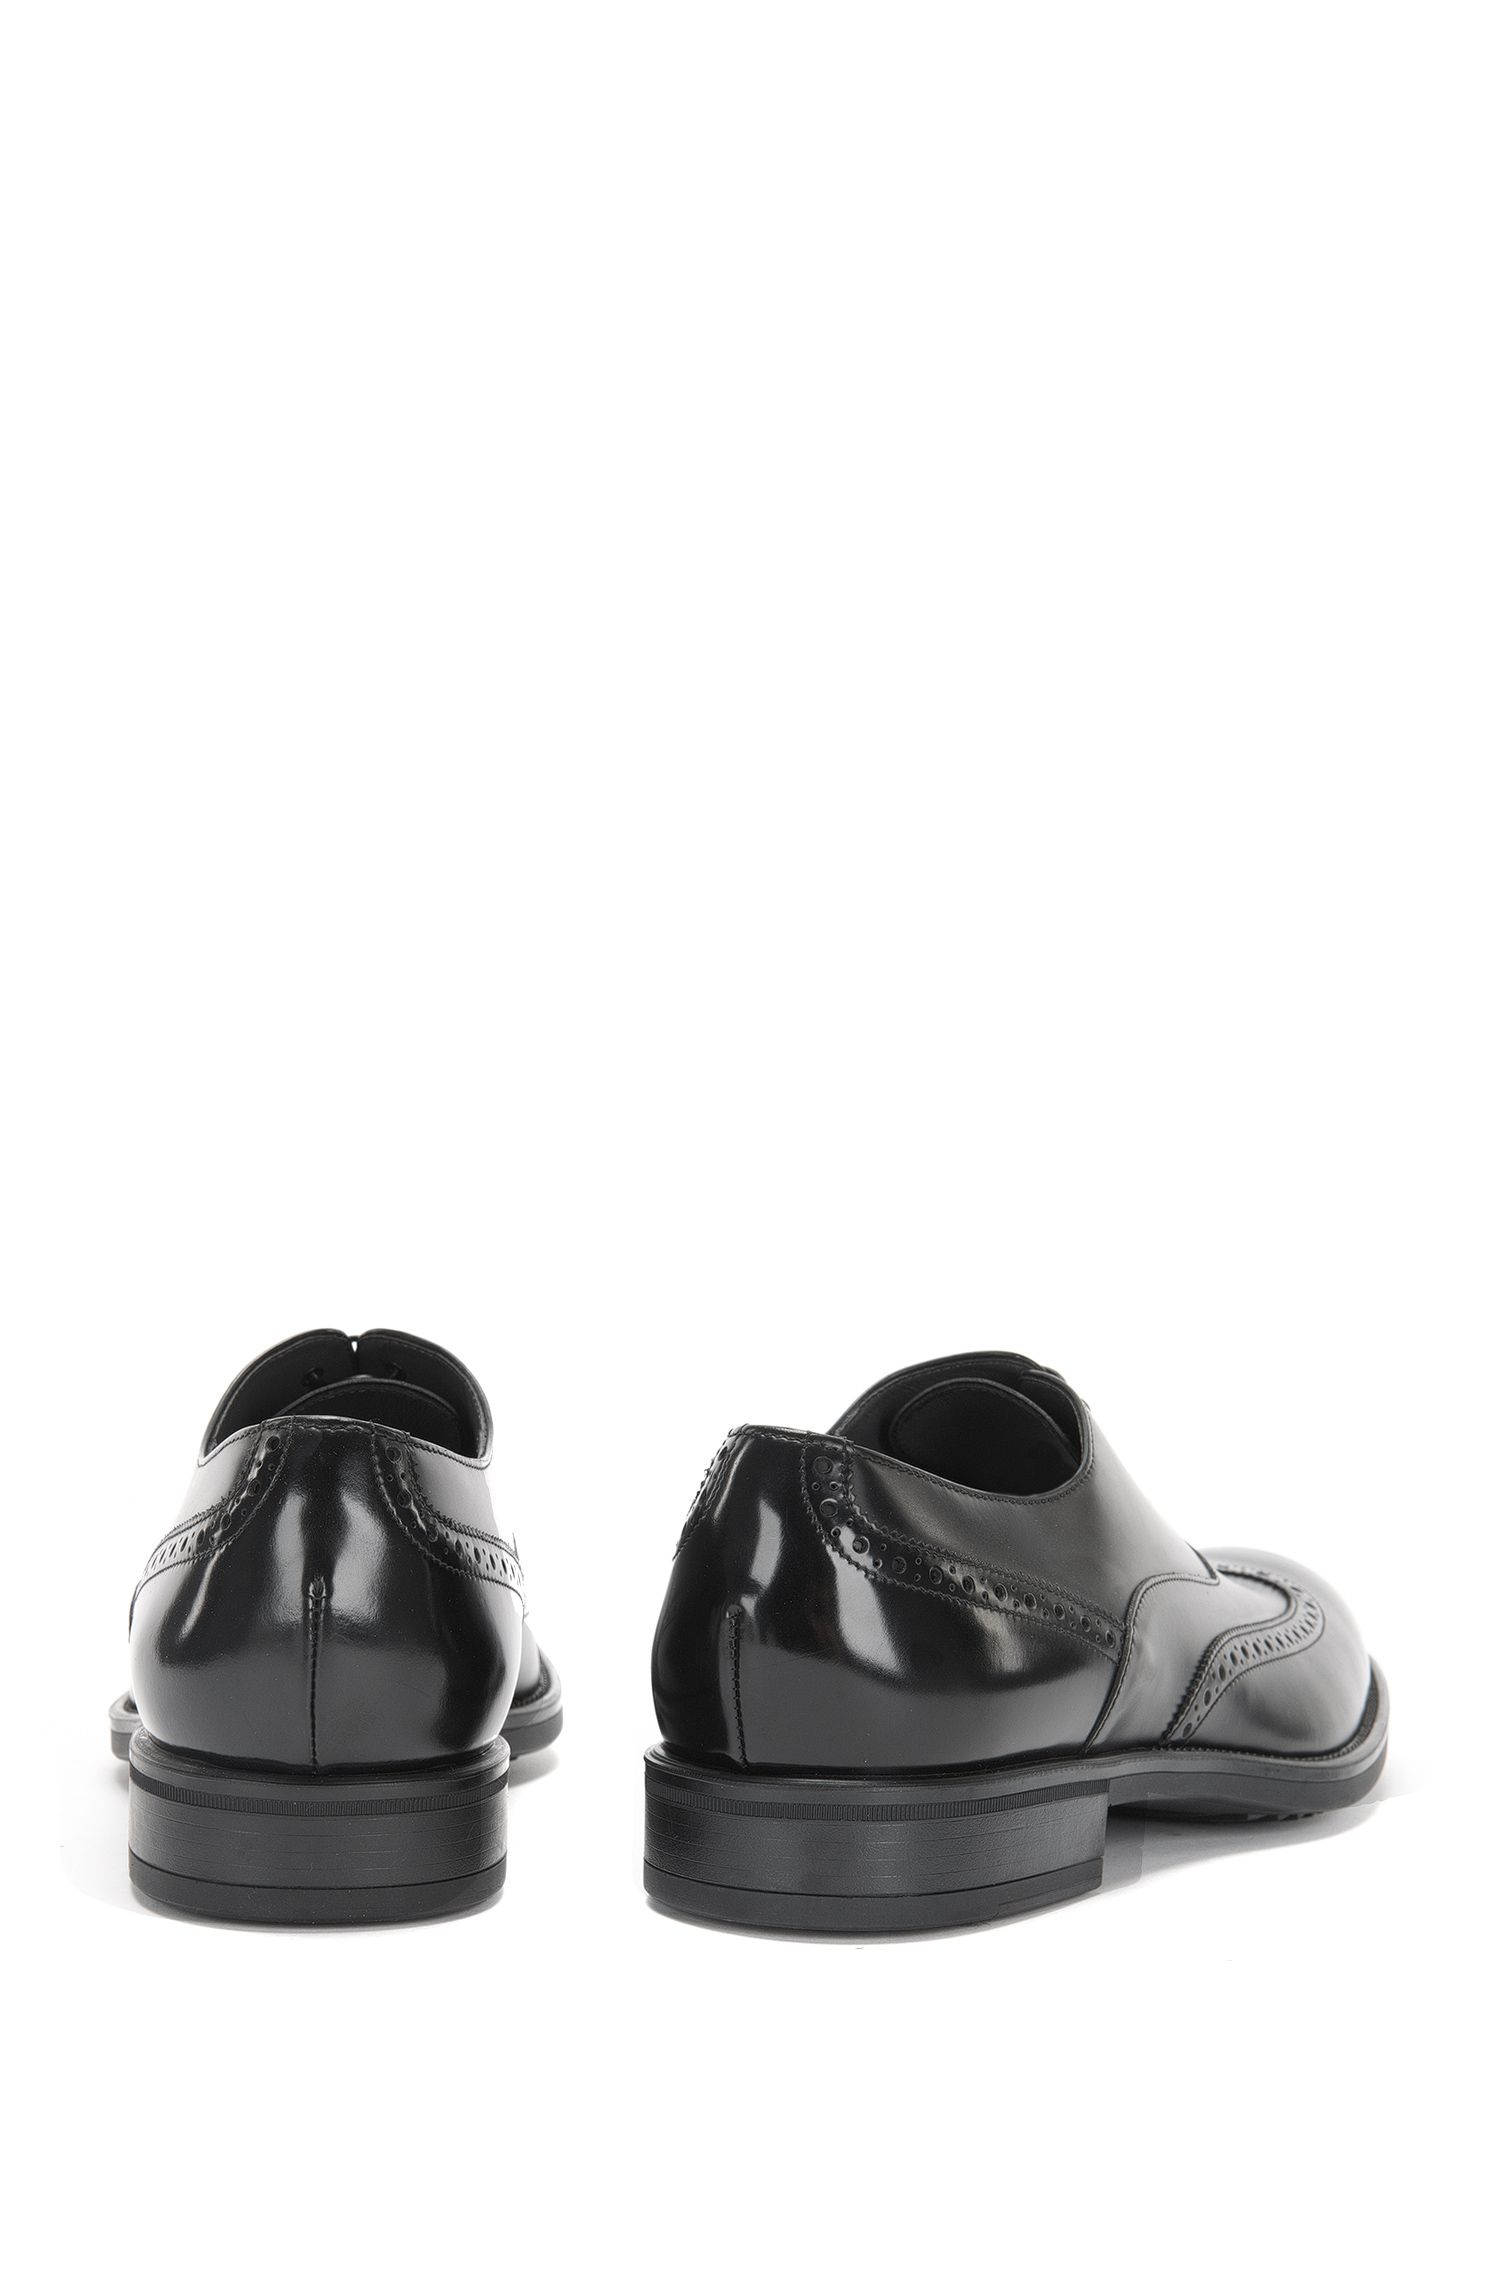 Schnürschuhe aus Leder mit Lochmuster: 'Kenth_Oxfr_ltwtb'